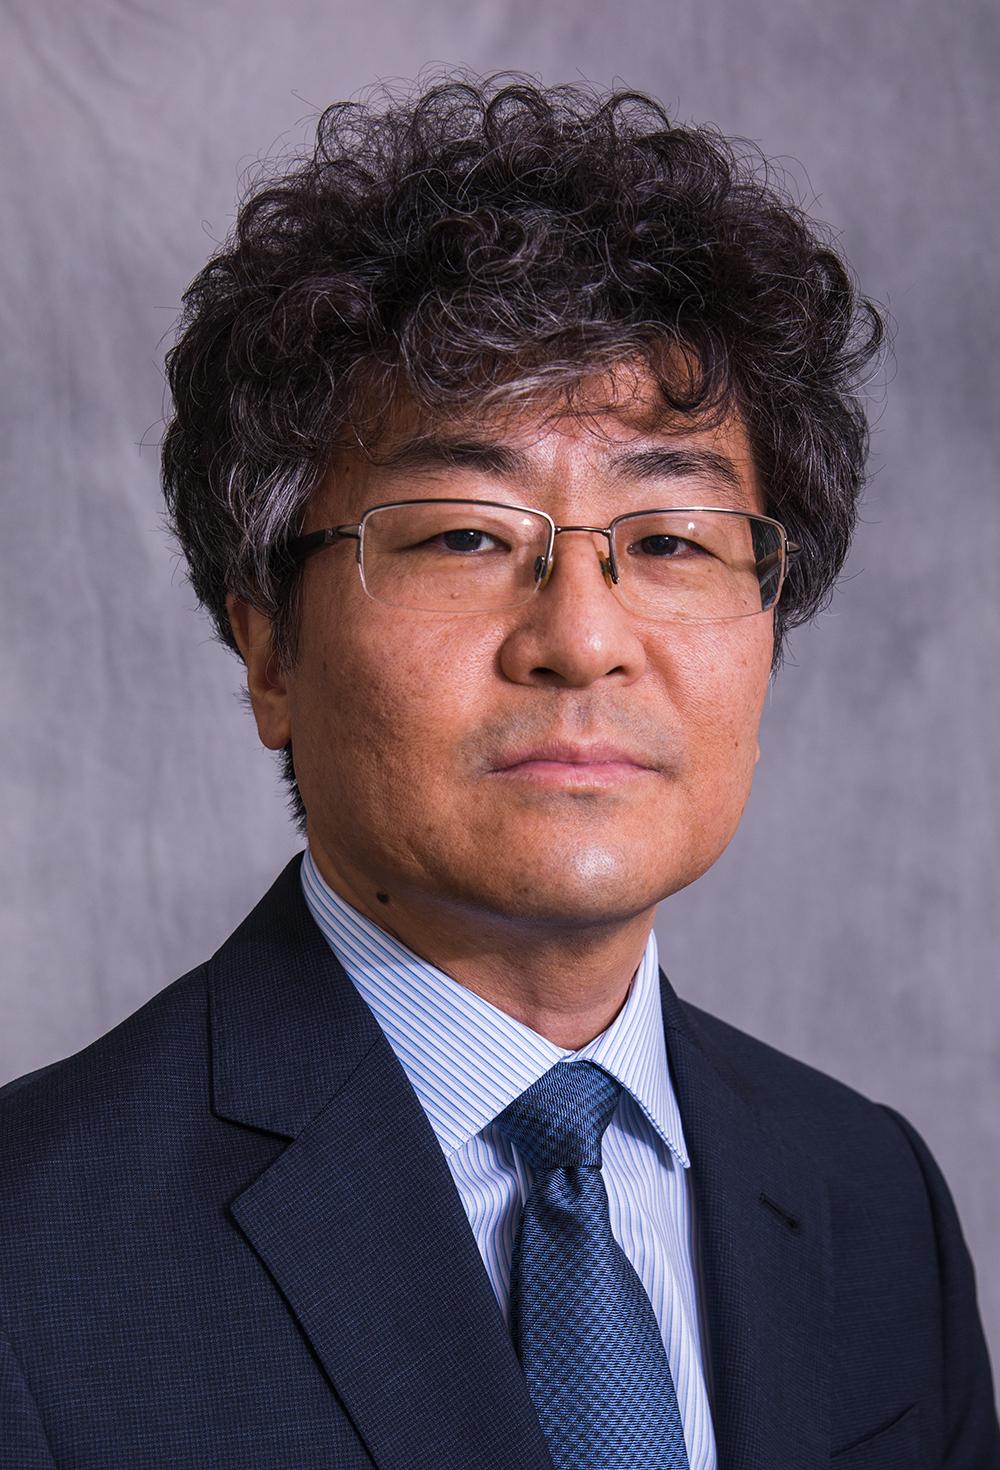 H. Jae Kim Headshot